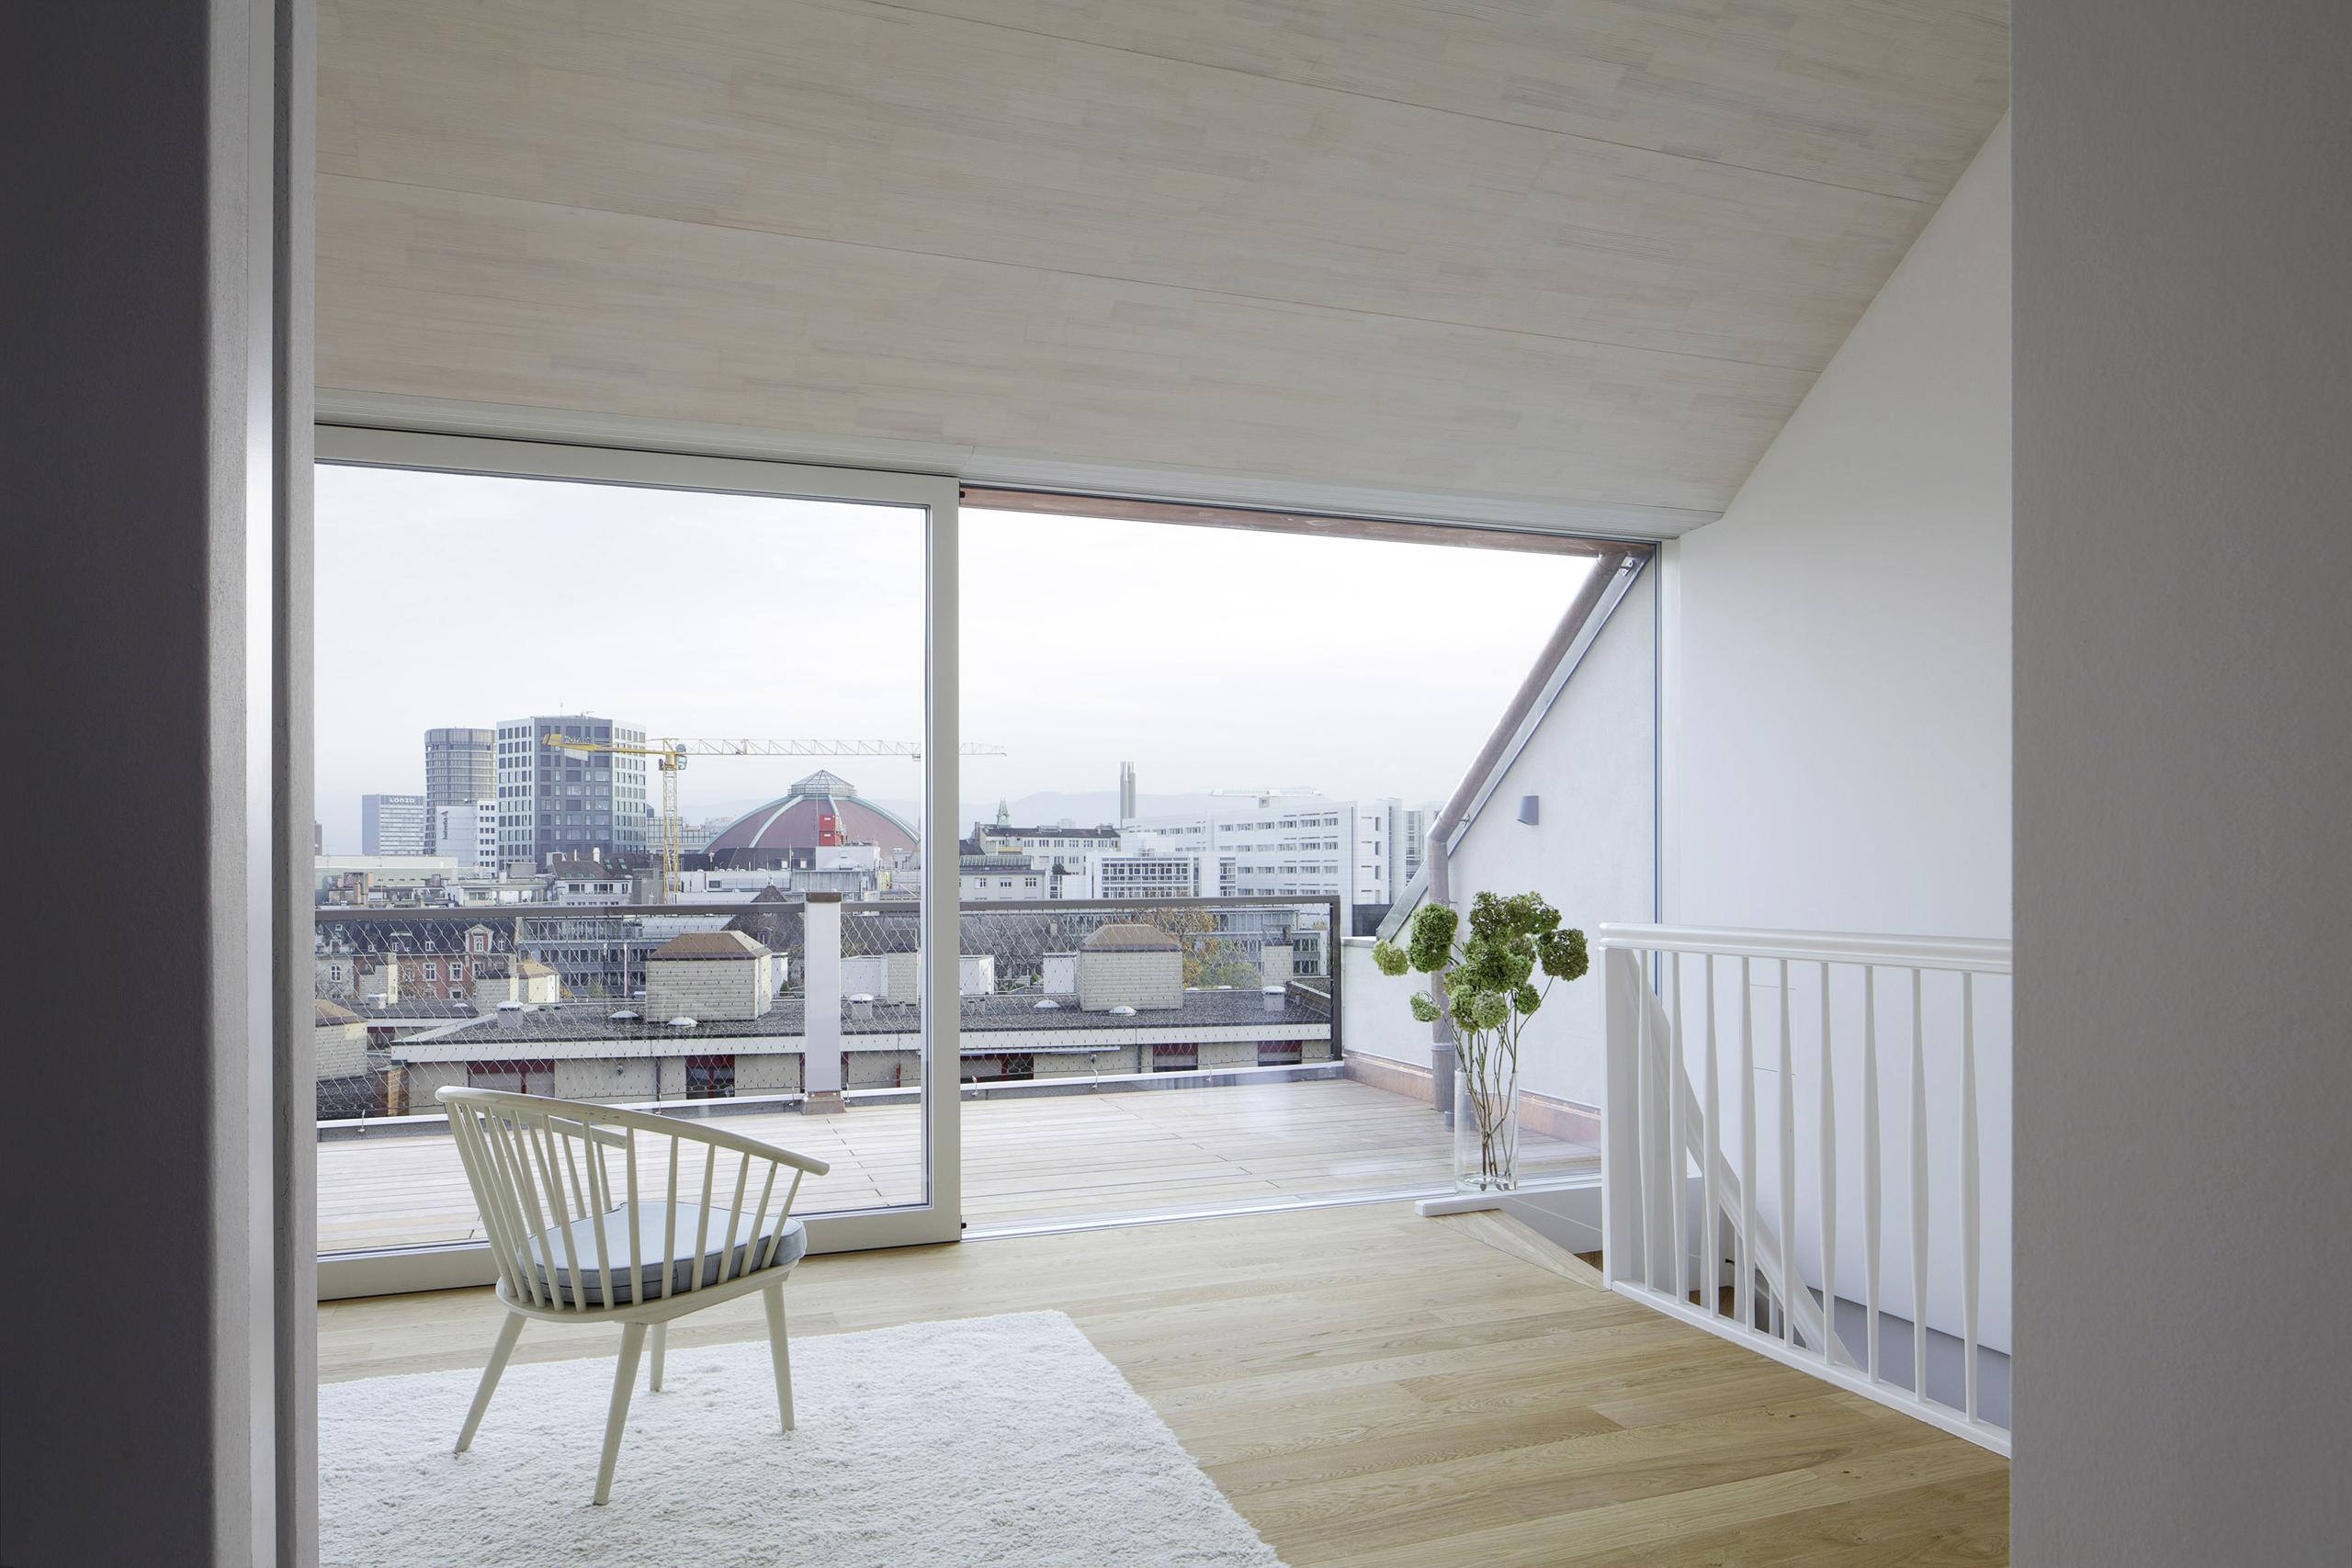 Wohnraum mit Terrasse im Dachgeschoss nach Umbau und Ausbau (Dachausbau)von Architekturbüro Forsberg in Basel